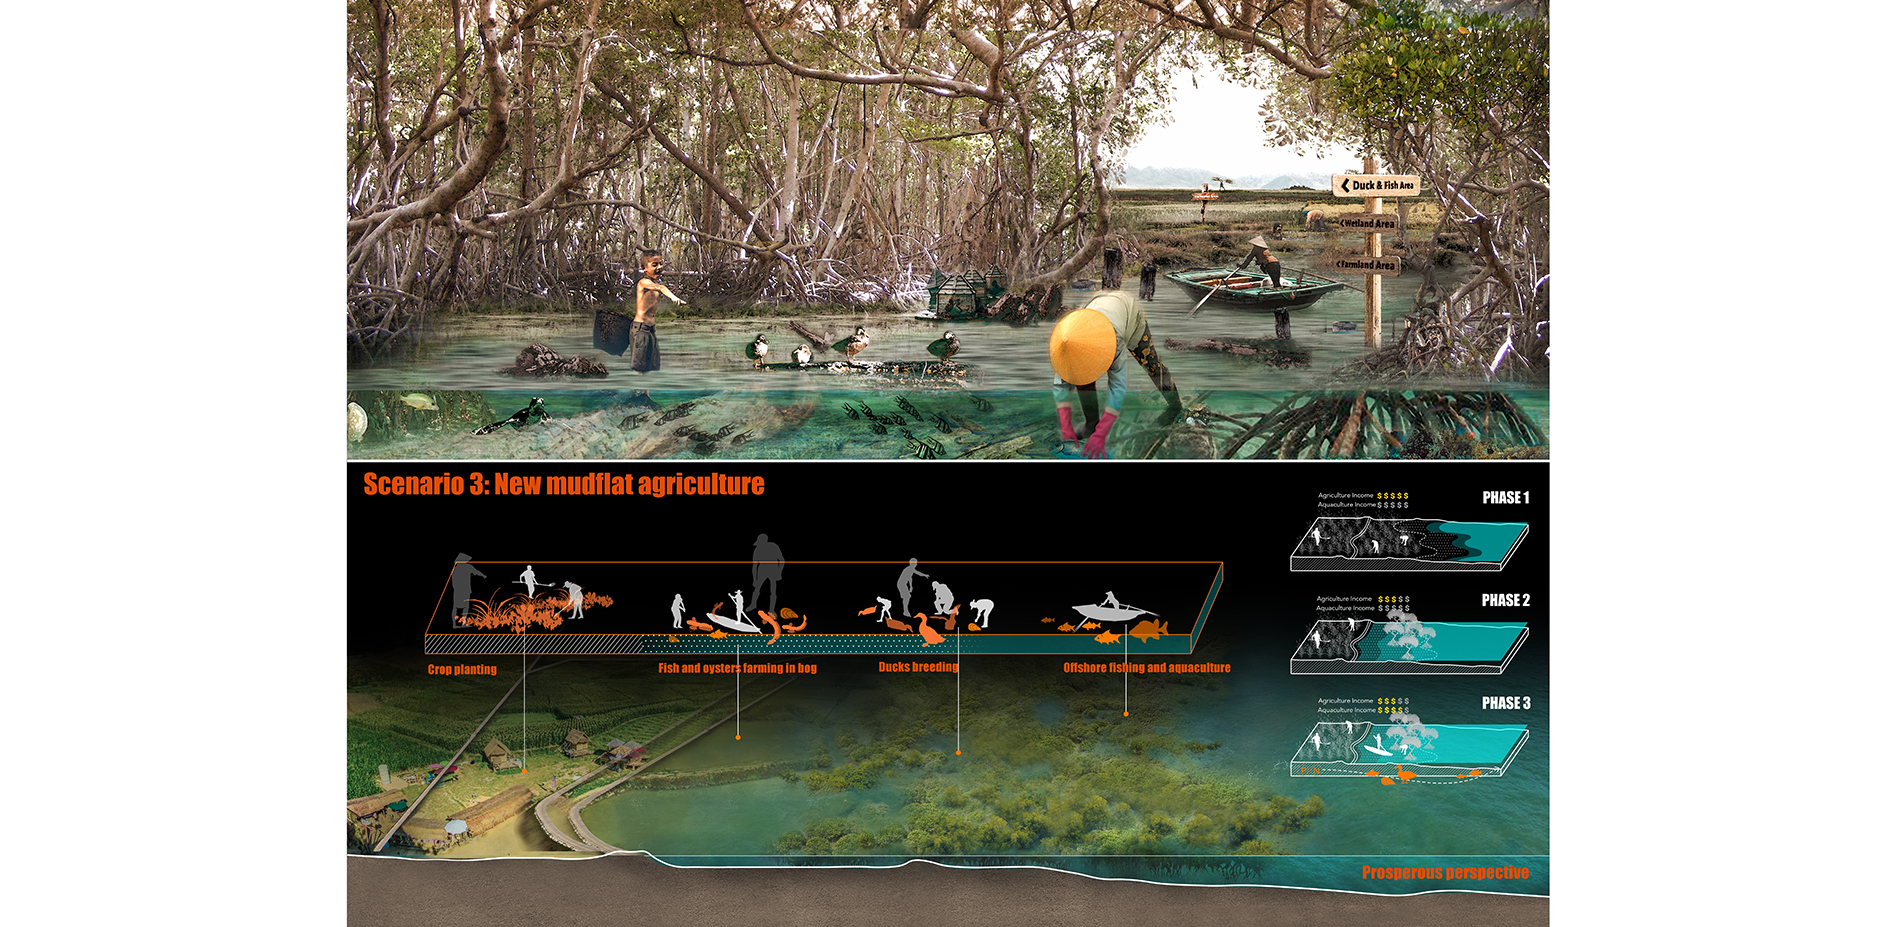 Scenario 3: New Mudflat Agriculture